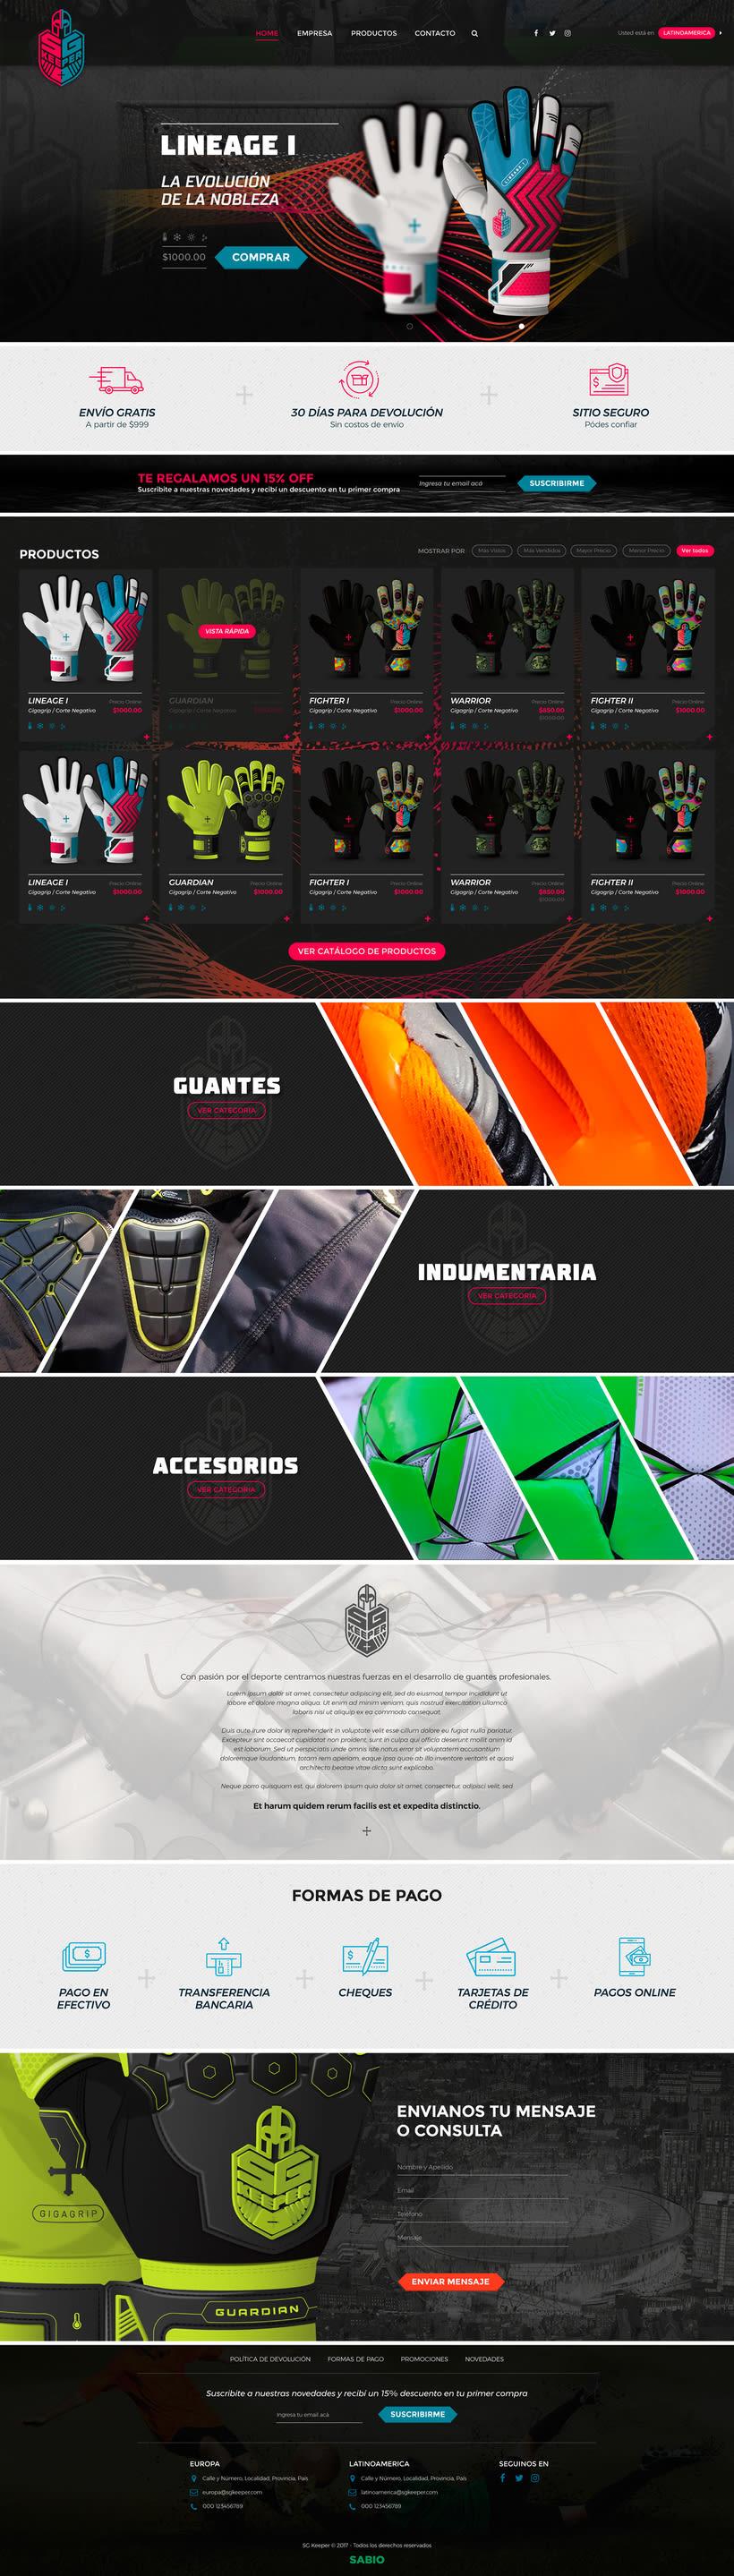 Diseño Onepage Responsive y Woocommerce para SG Keeper -1